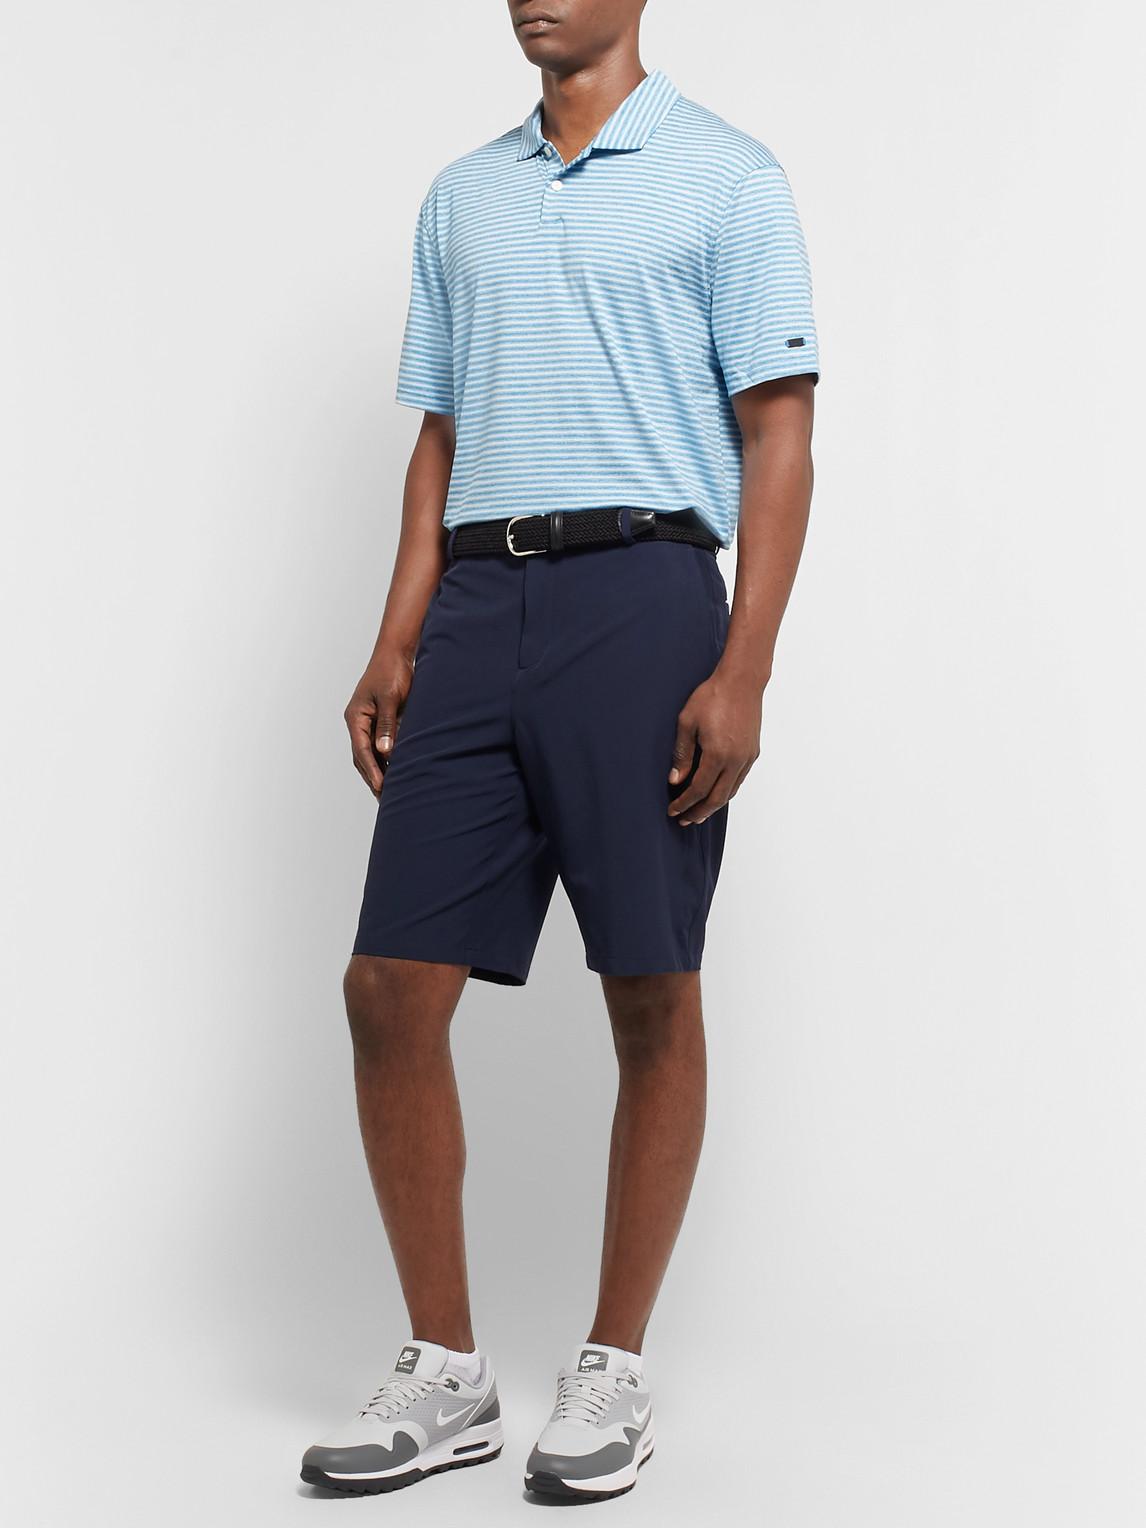 Nike Shorts HYBRID FLEX GOLF SHORTS